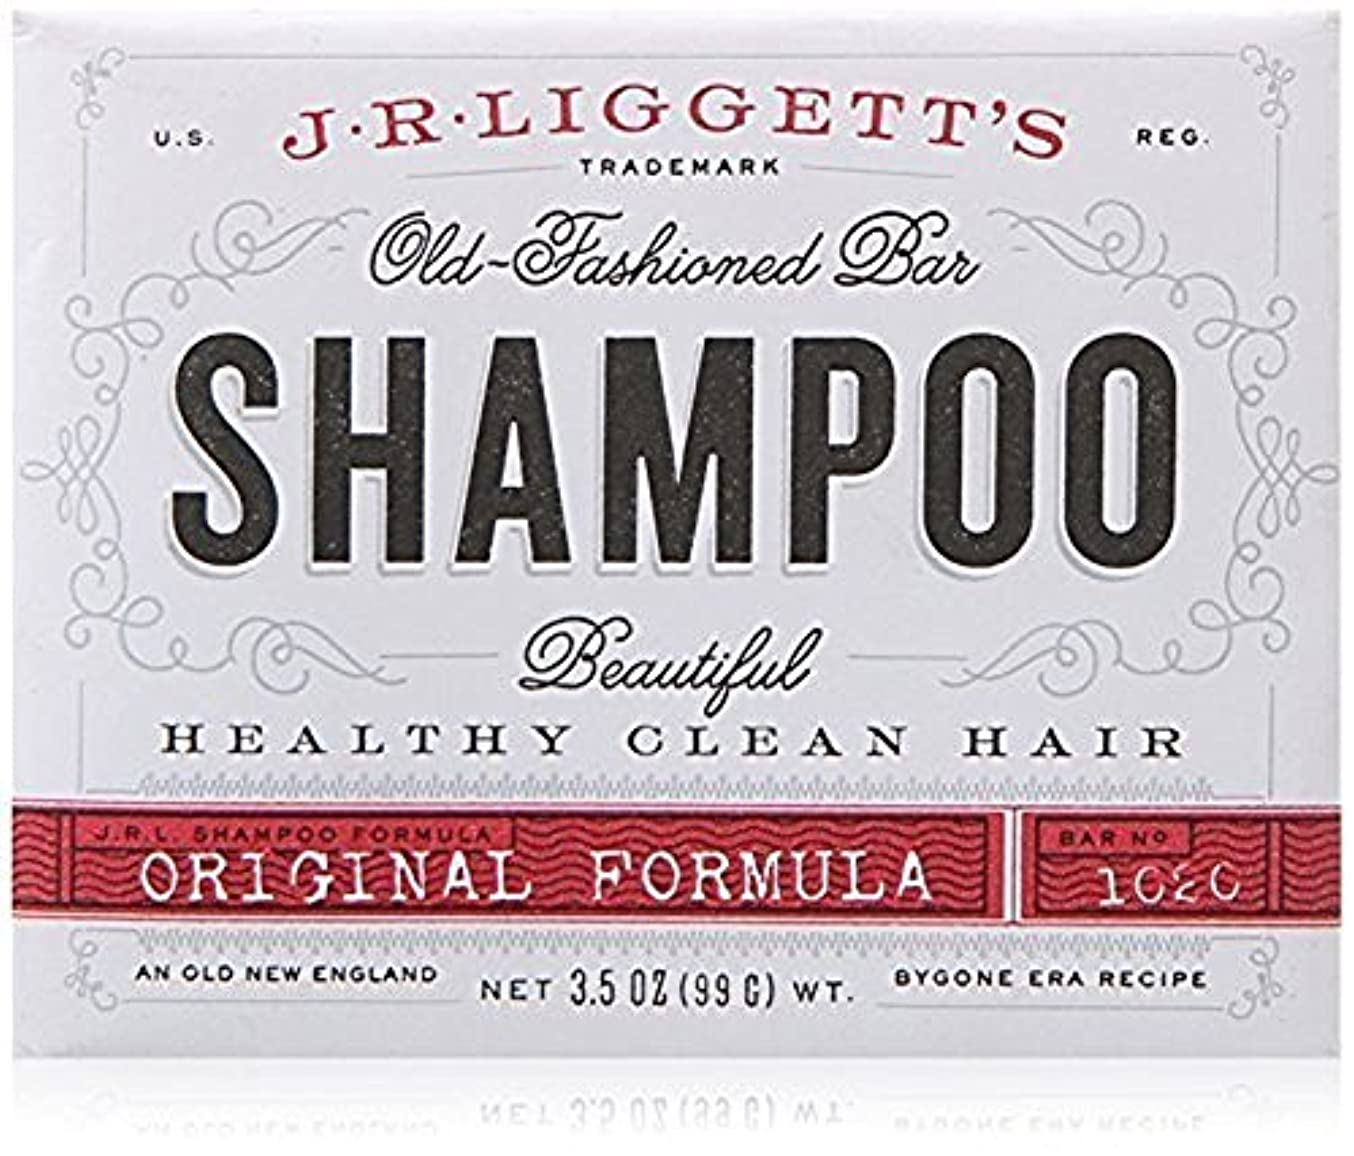 かまどビリーチャンピオンシップx J.R.Liggett's Old-Fashioned Bar Shampoo The Original Formula - 3.5 oz by J.R. Liggett